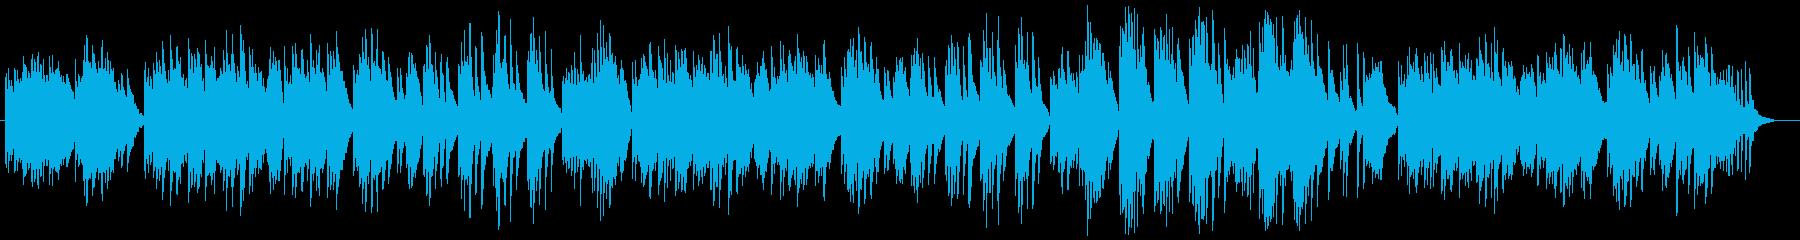 ピアノによるゆったりとしたバラードの再生済みの波形